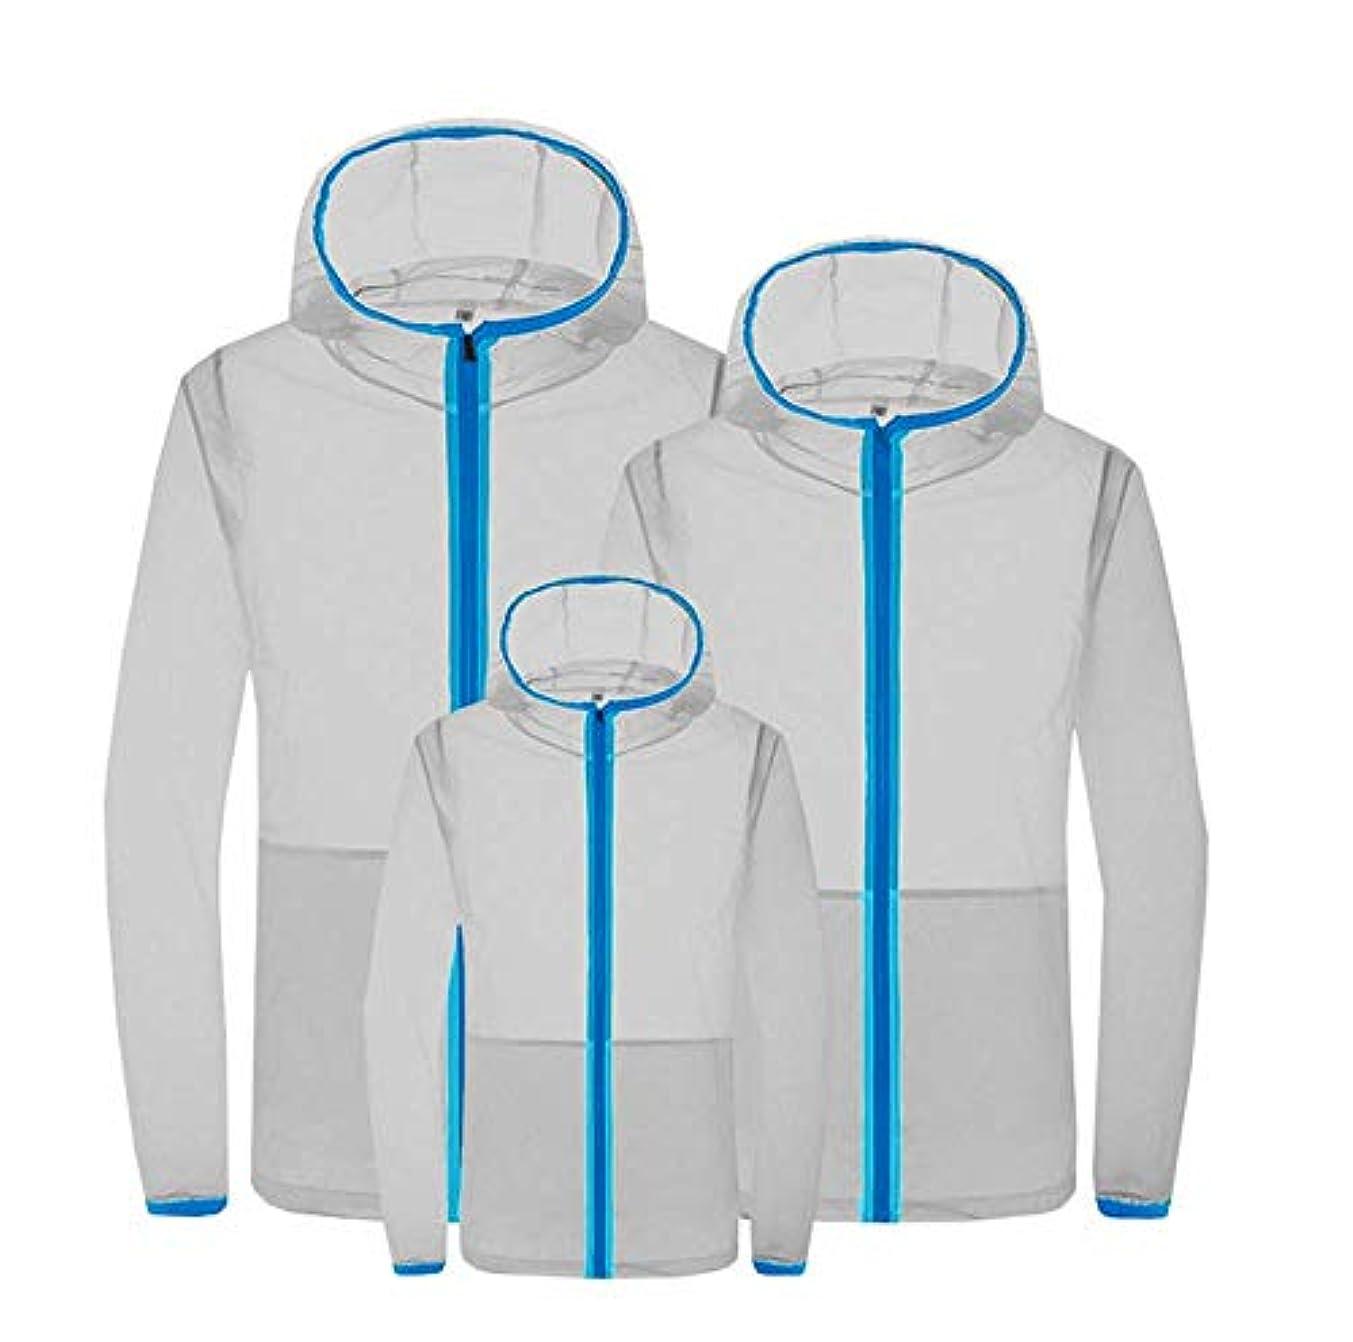 くるくる廃棄するスマッシュ夏のエアコンスーツスマート3速冷却スーツ日焼け防止服防滴防蚊服ファン冷却肌の服,Gray,S